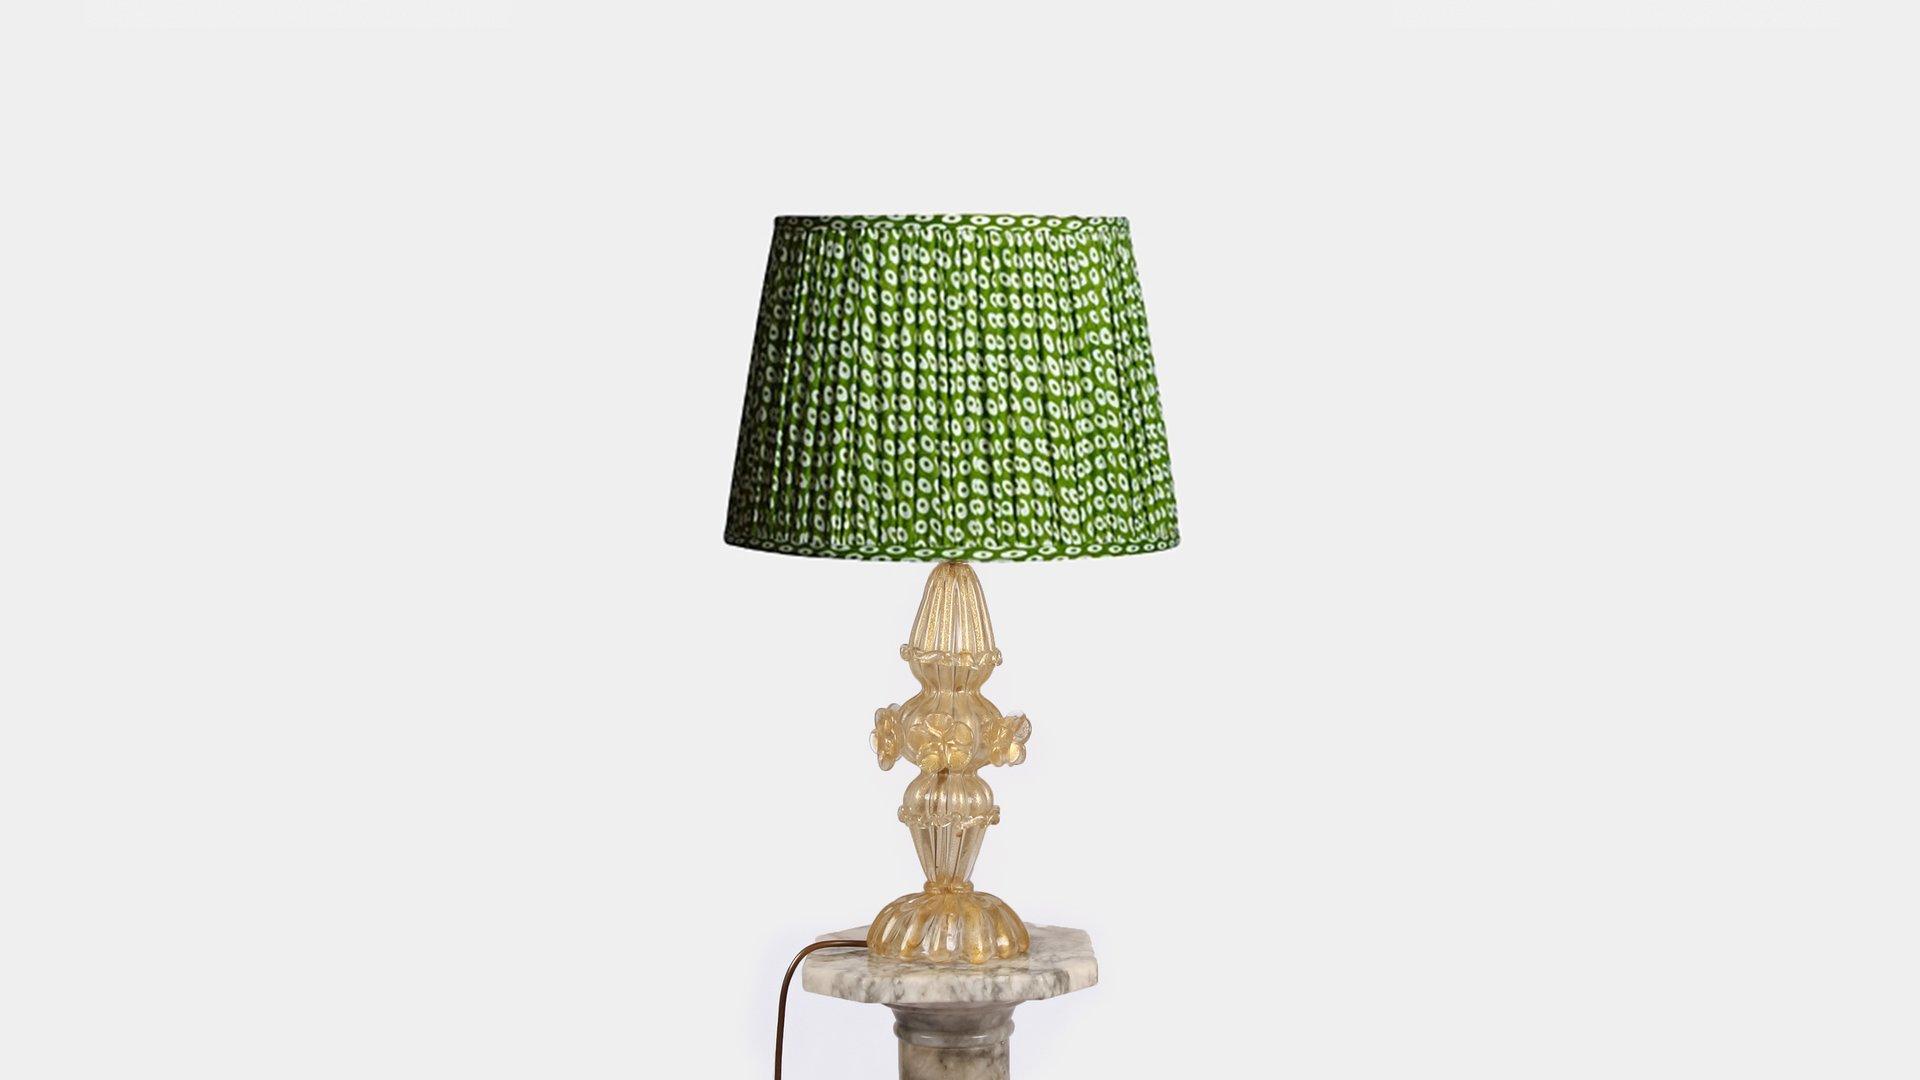 Lampade In Vetro Di Murano : Lampada da tavolo in vetro di murano dorato anni 50 in vendita su